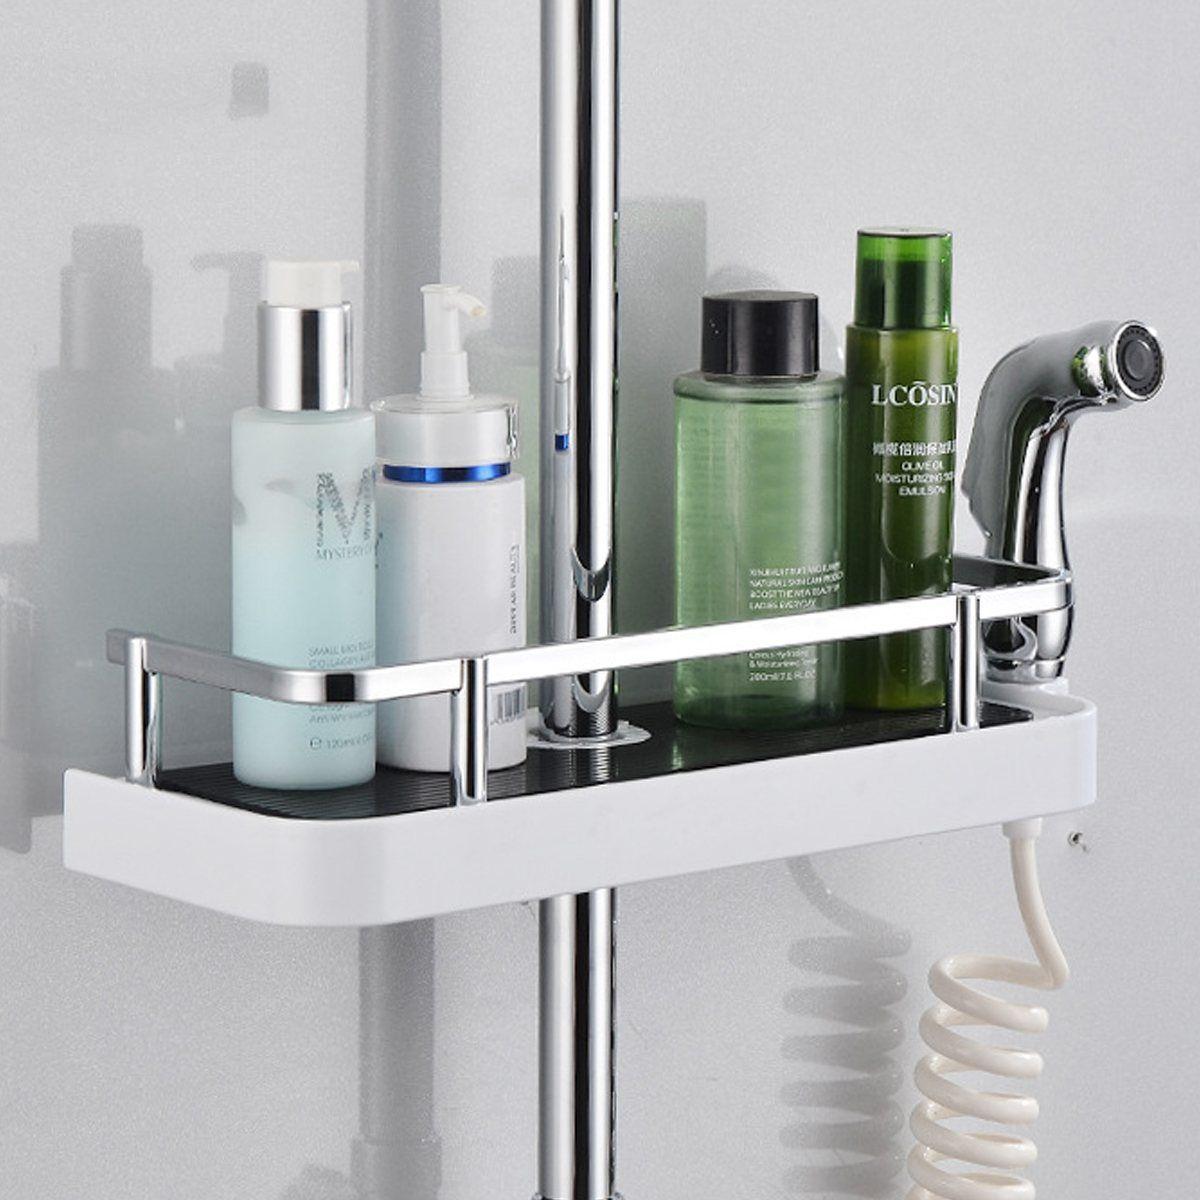 Bathroom Pole Shelf Shower Bath Storage Rack Organiser Hollow Design Tray